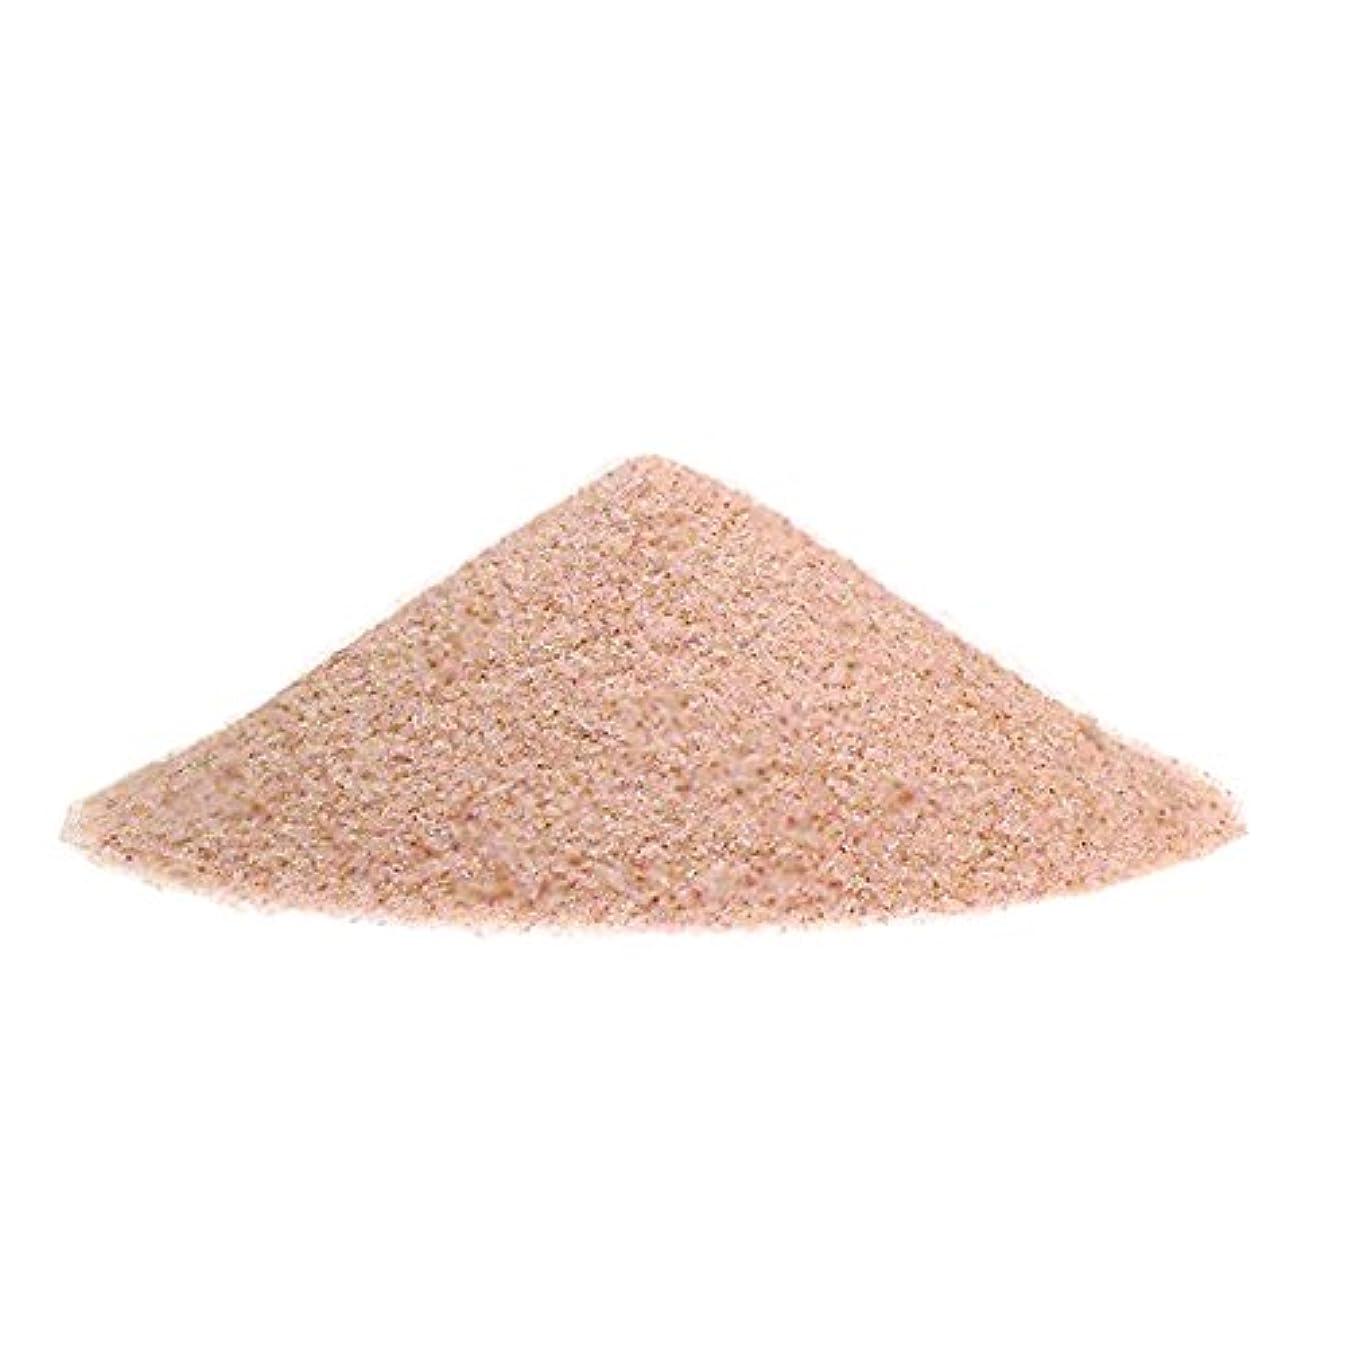 カウンタ経済アルカトラズ島増量中!ヒマラヤ岩塩 ピンクソルト 入浴用 バスソルト(微粒パウダー) ピンク岩塩 (1kg+増量250g)